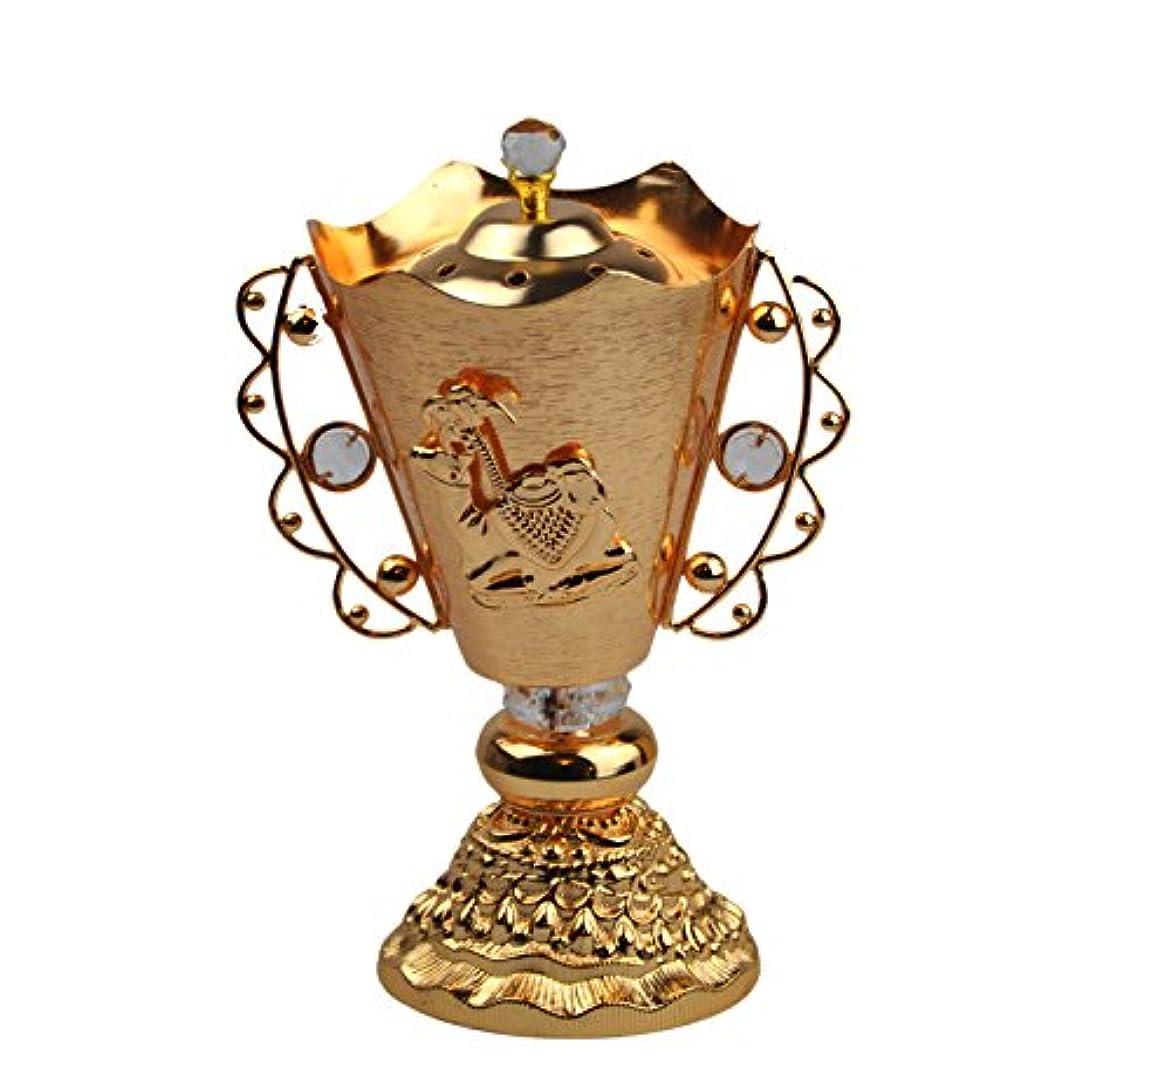 貯水池性的ばかげているArabia Incense / bakhoor Burner ( Mabkhara ) – Oud Burner、ゴールドメタル、トレイ内側9インチ。 – USA Seller